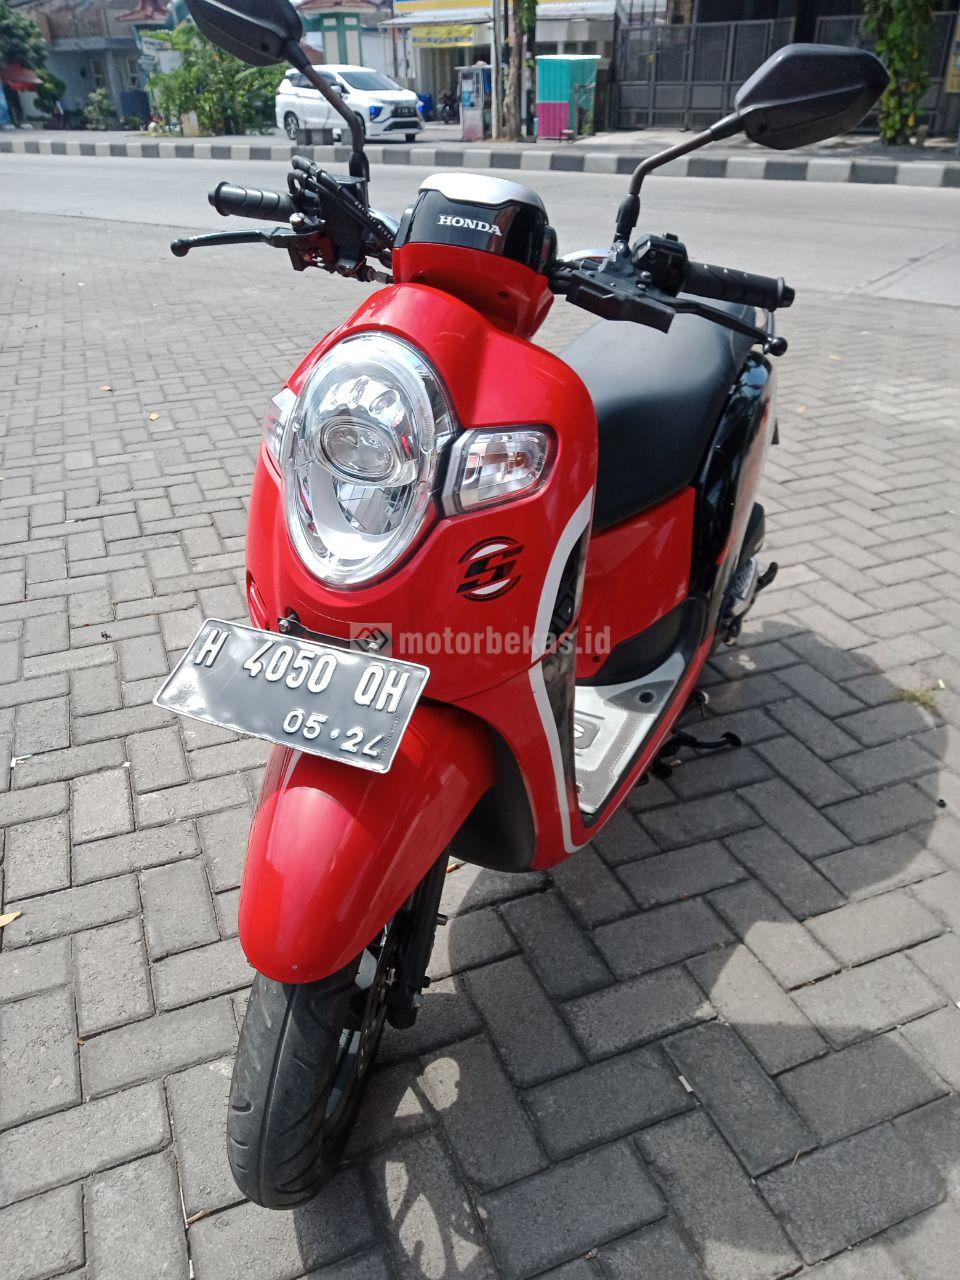 HONDA SCOOPY  3307 motorbekas.id